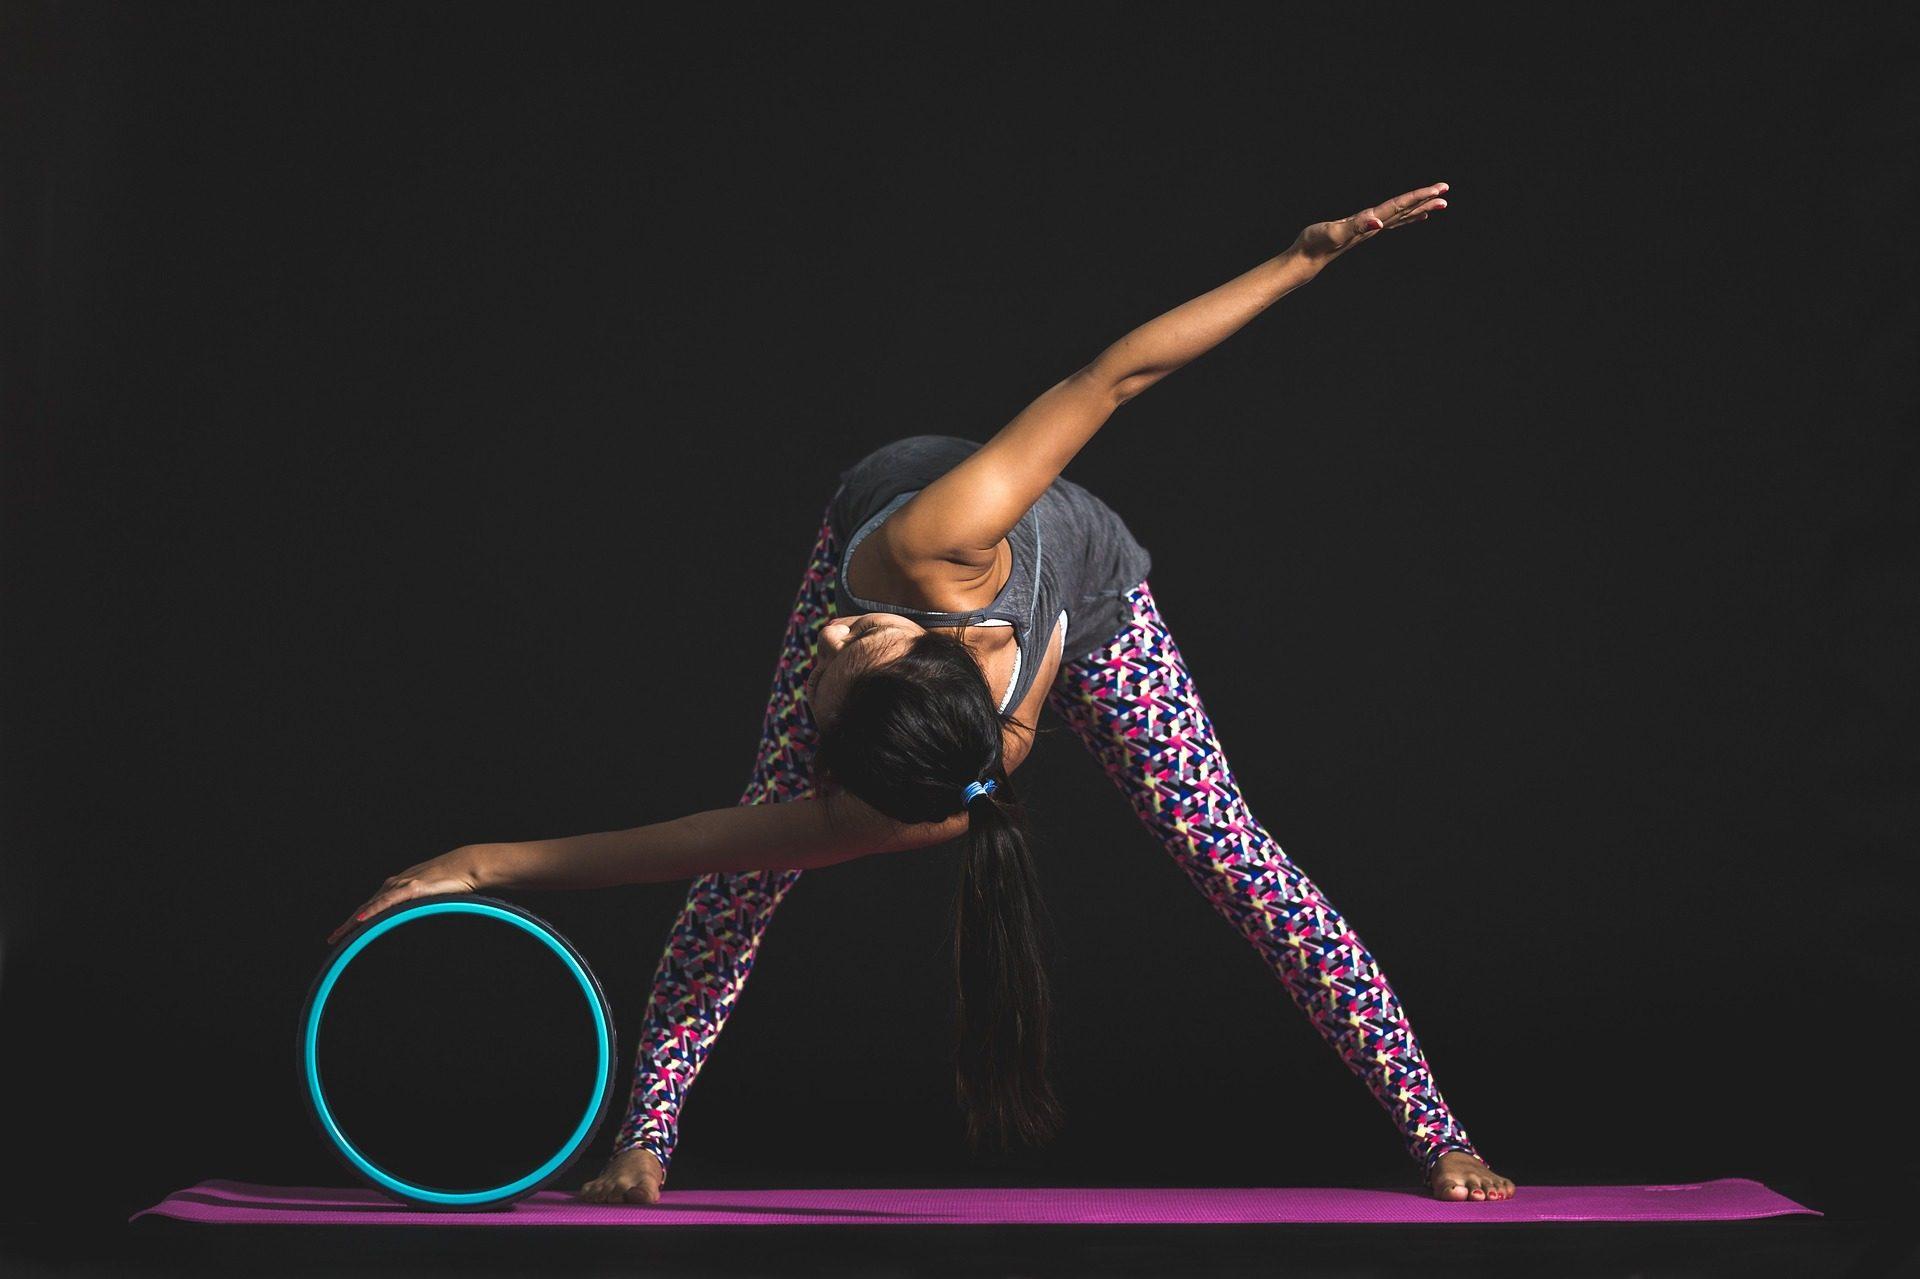 女人, 锻炼, 体育, 瑜伽, postura - 高清壁纸 - 教授-falken.com